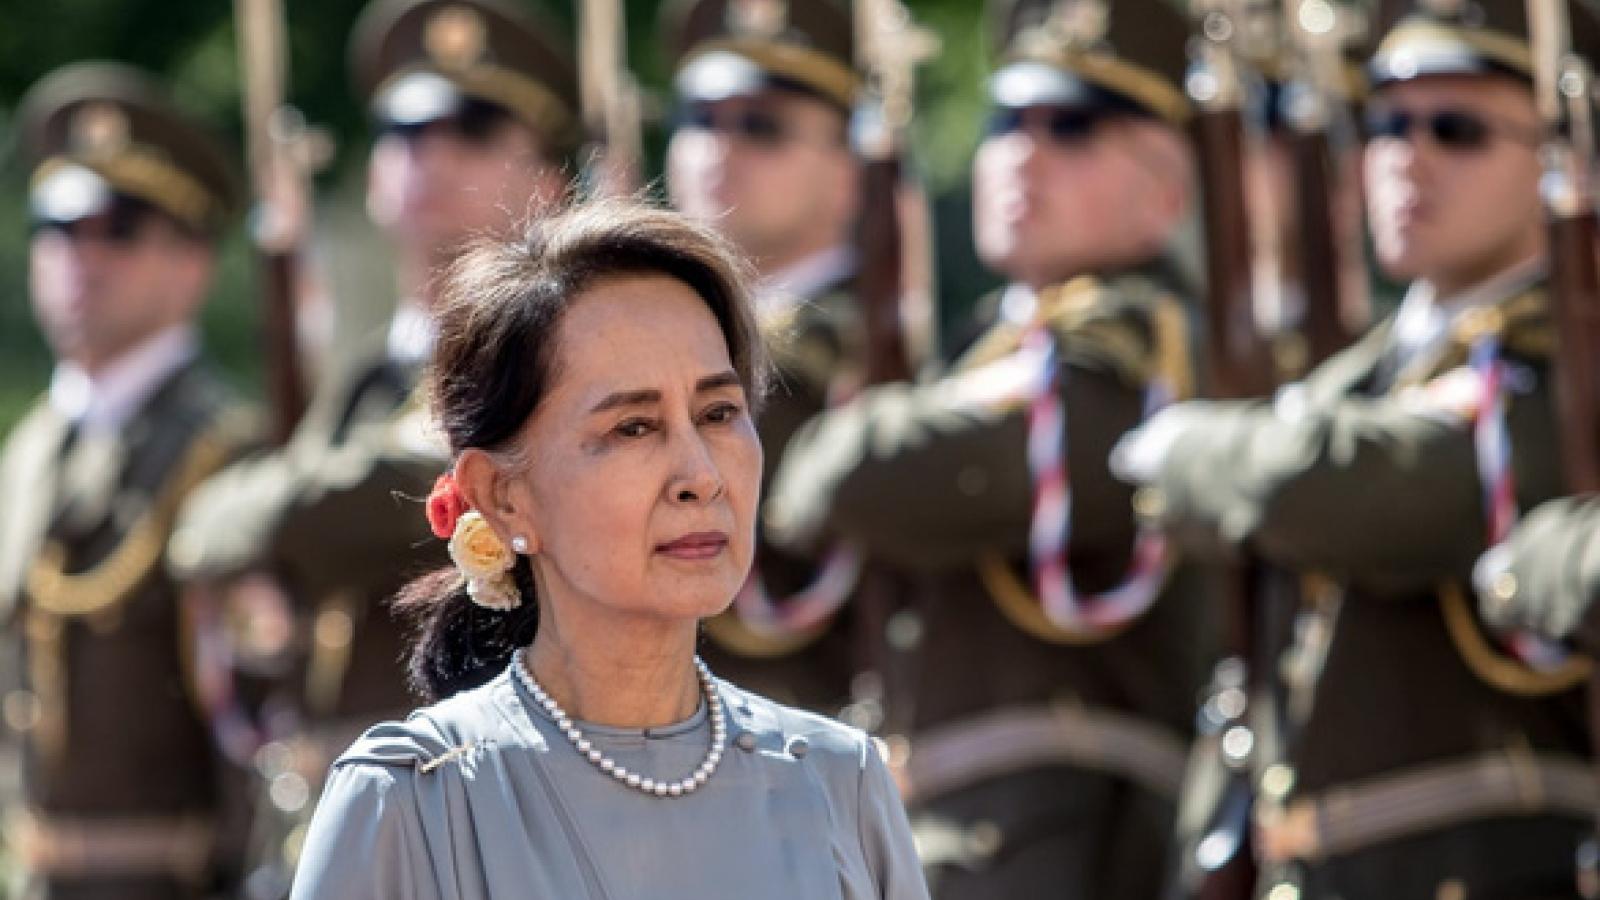 Binh biến Myanmar: Đảng NLD kêu gọi triệu tập phiên họp Quốc hội